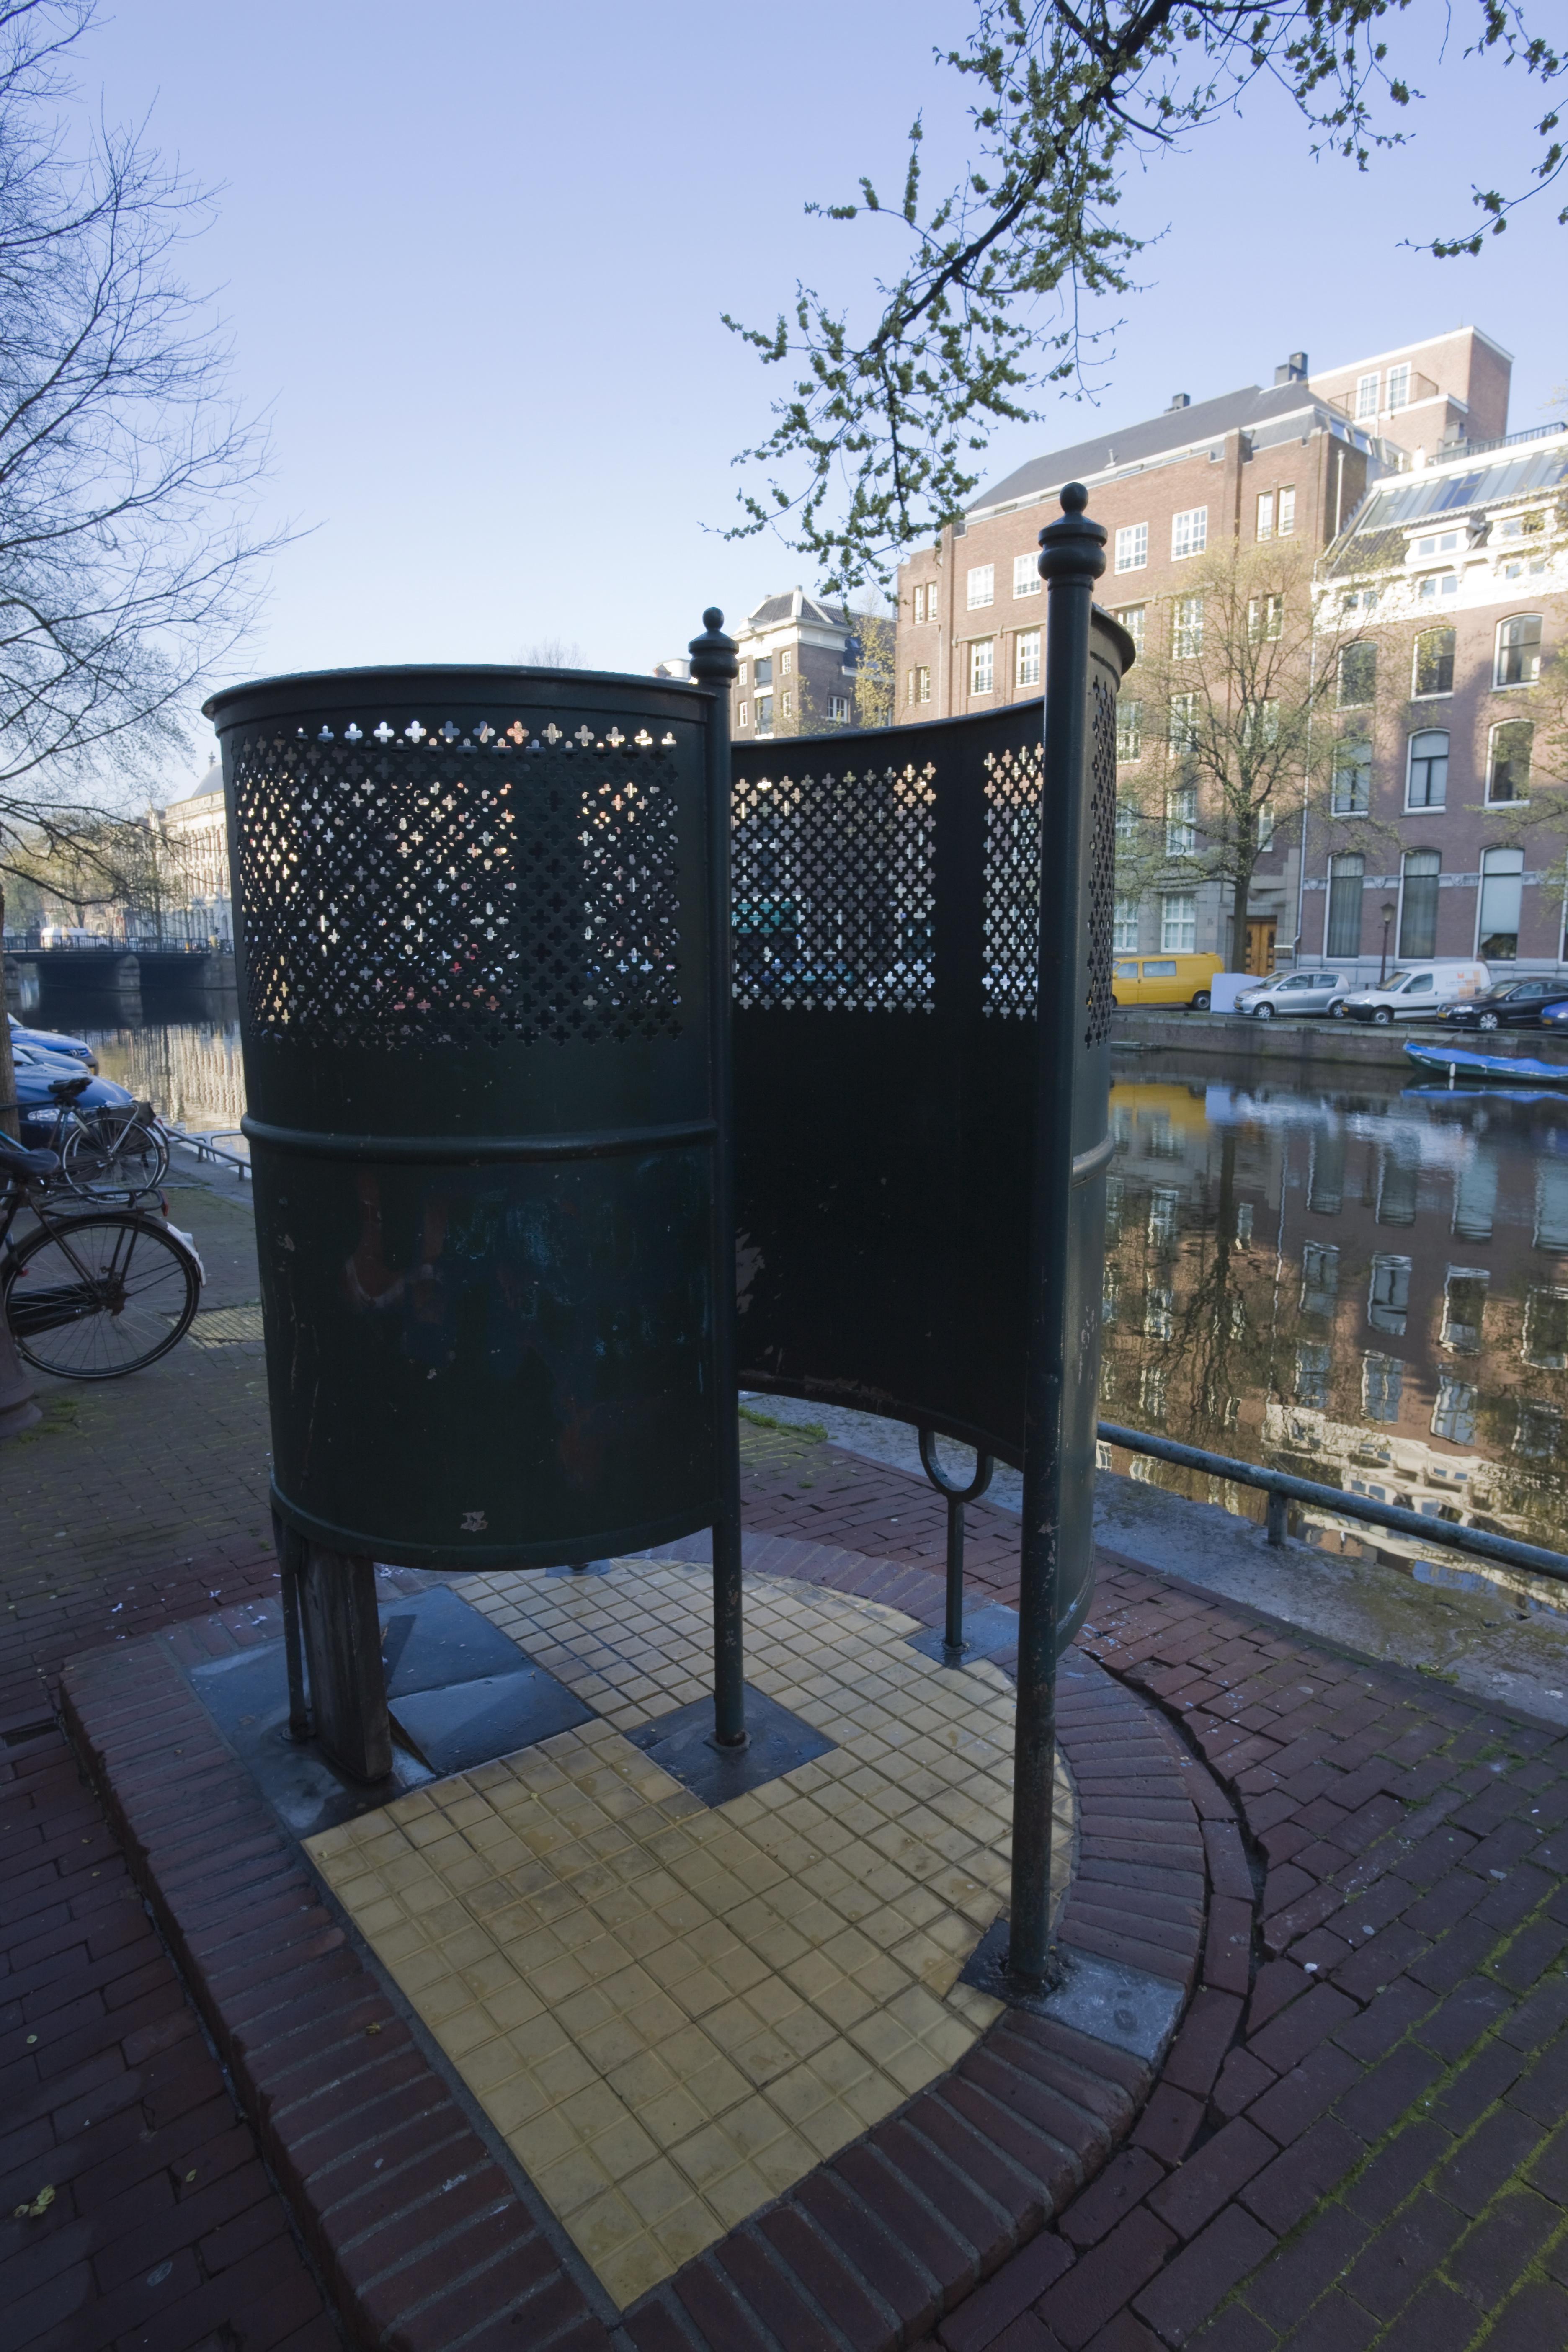 A nyilvános pisáldák előtt tüntetnek Amszterdamban, mert nincs elég női vécé az utcákon